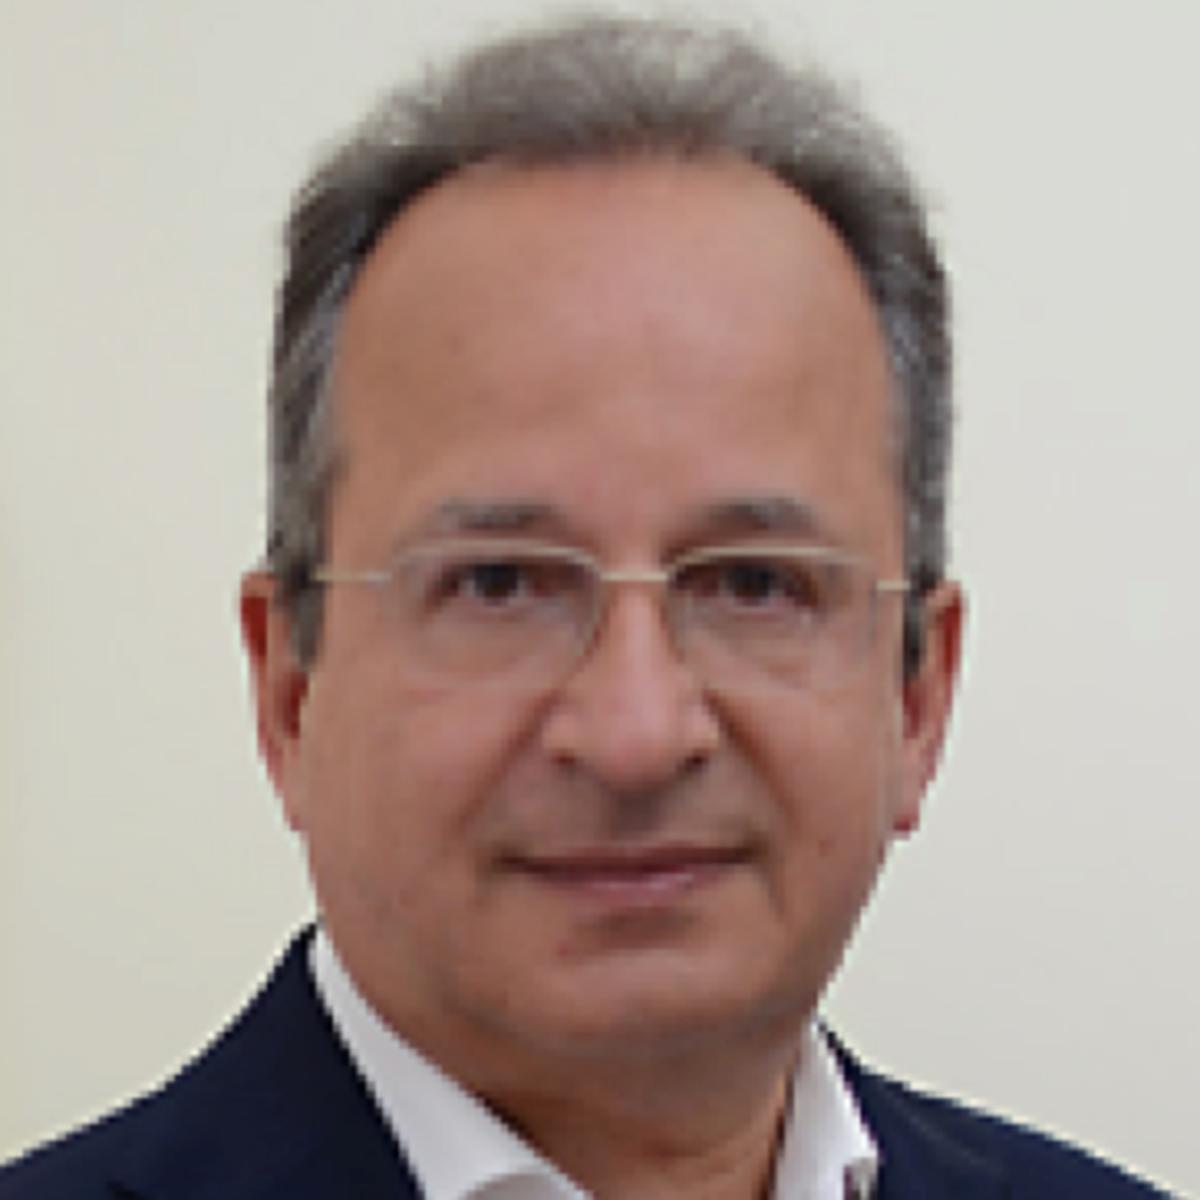 Alberto Consani